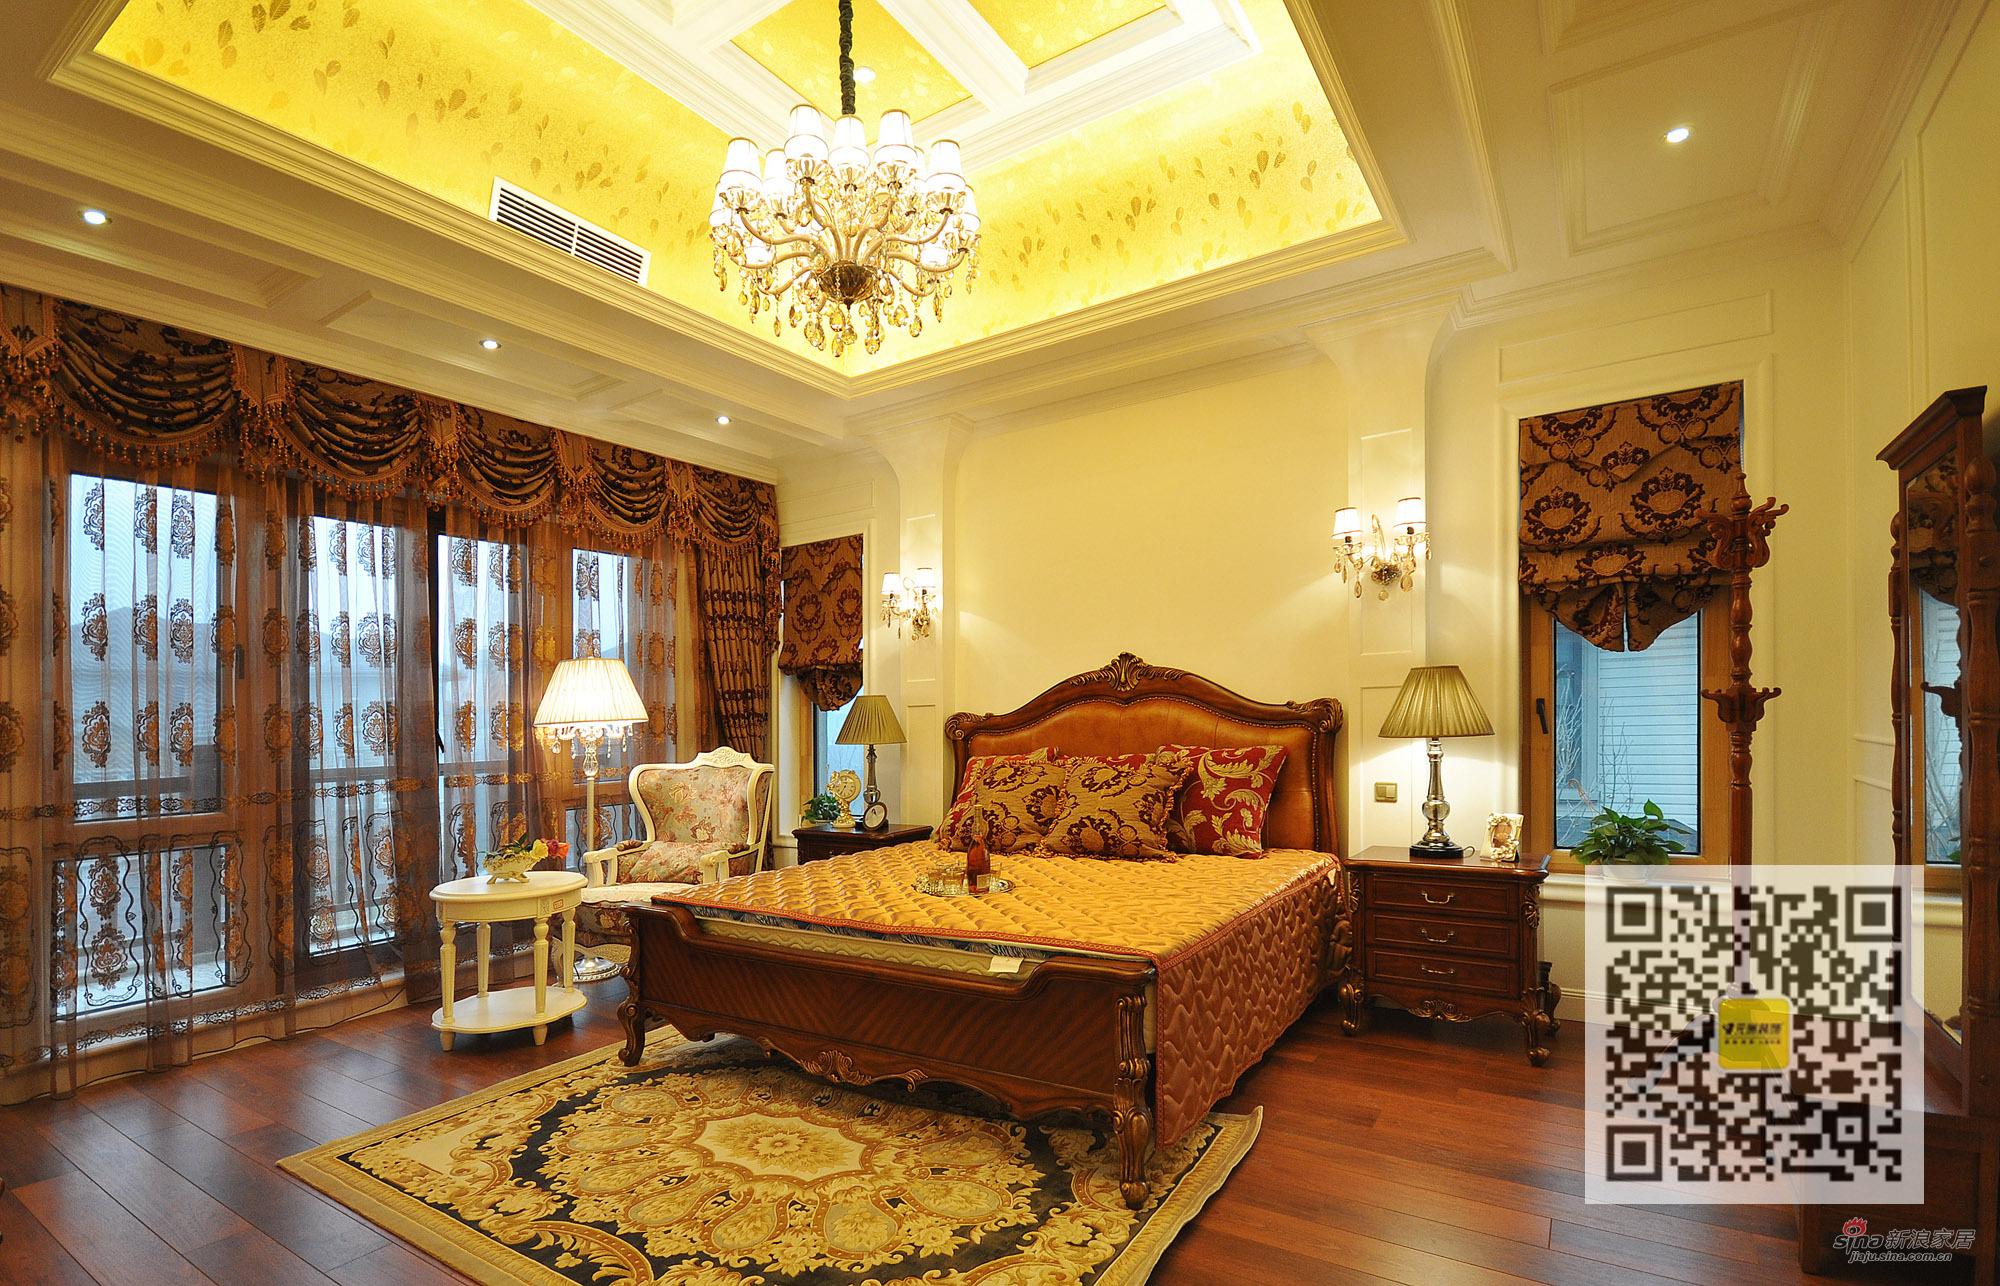 混搭 别墅 卧室图片来自用户1907691673在保利垄上欧式新古典中式新古典混搭93的分享